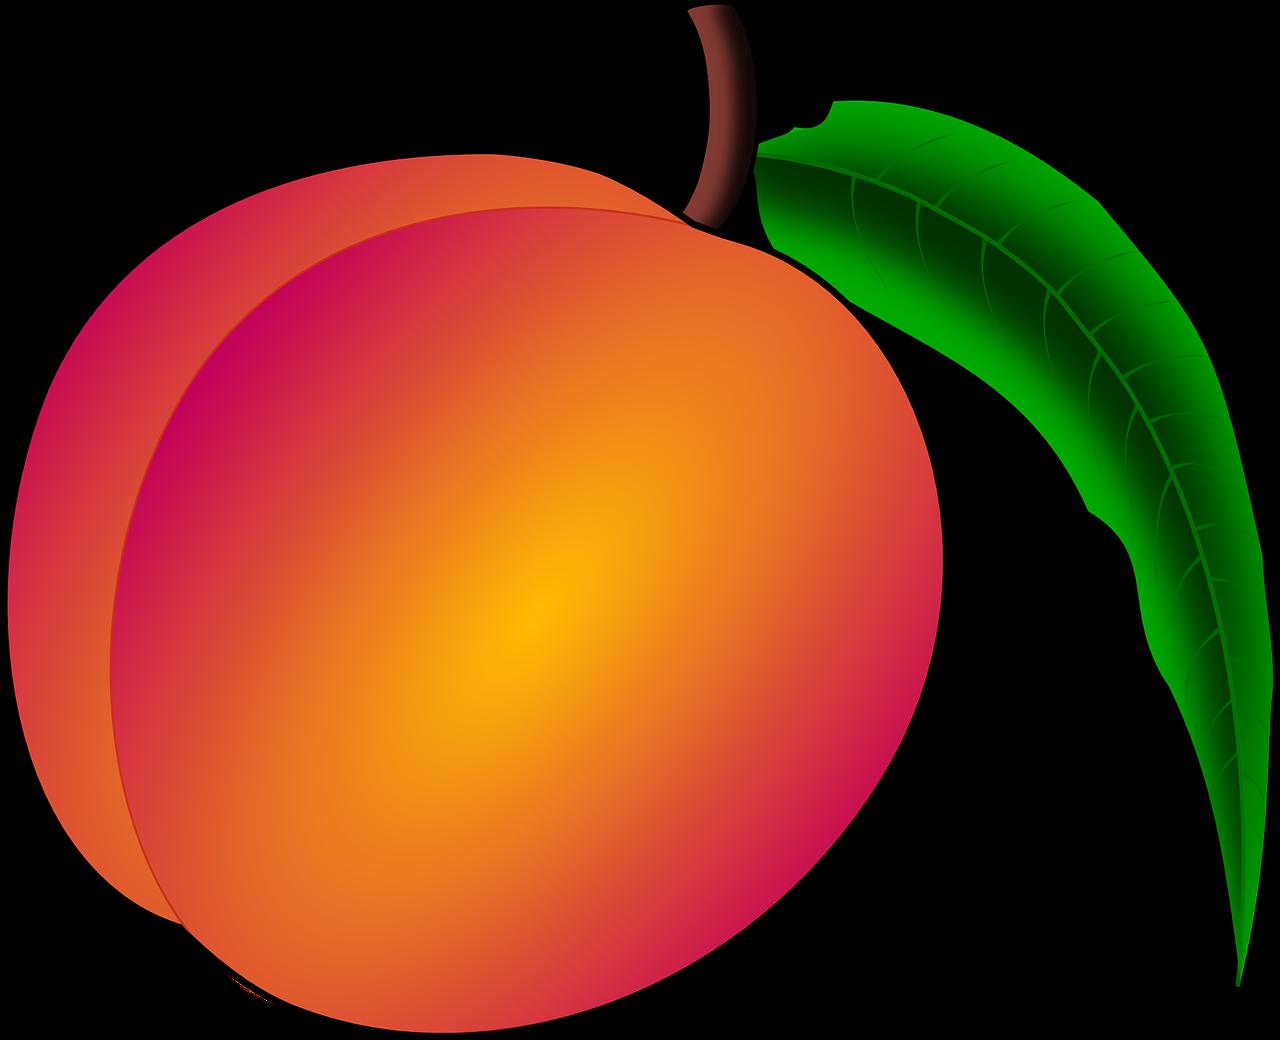 Peaches clipart durazno. Peach trees daniel szk